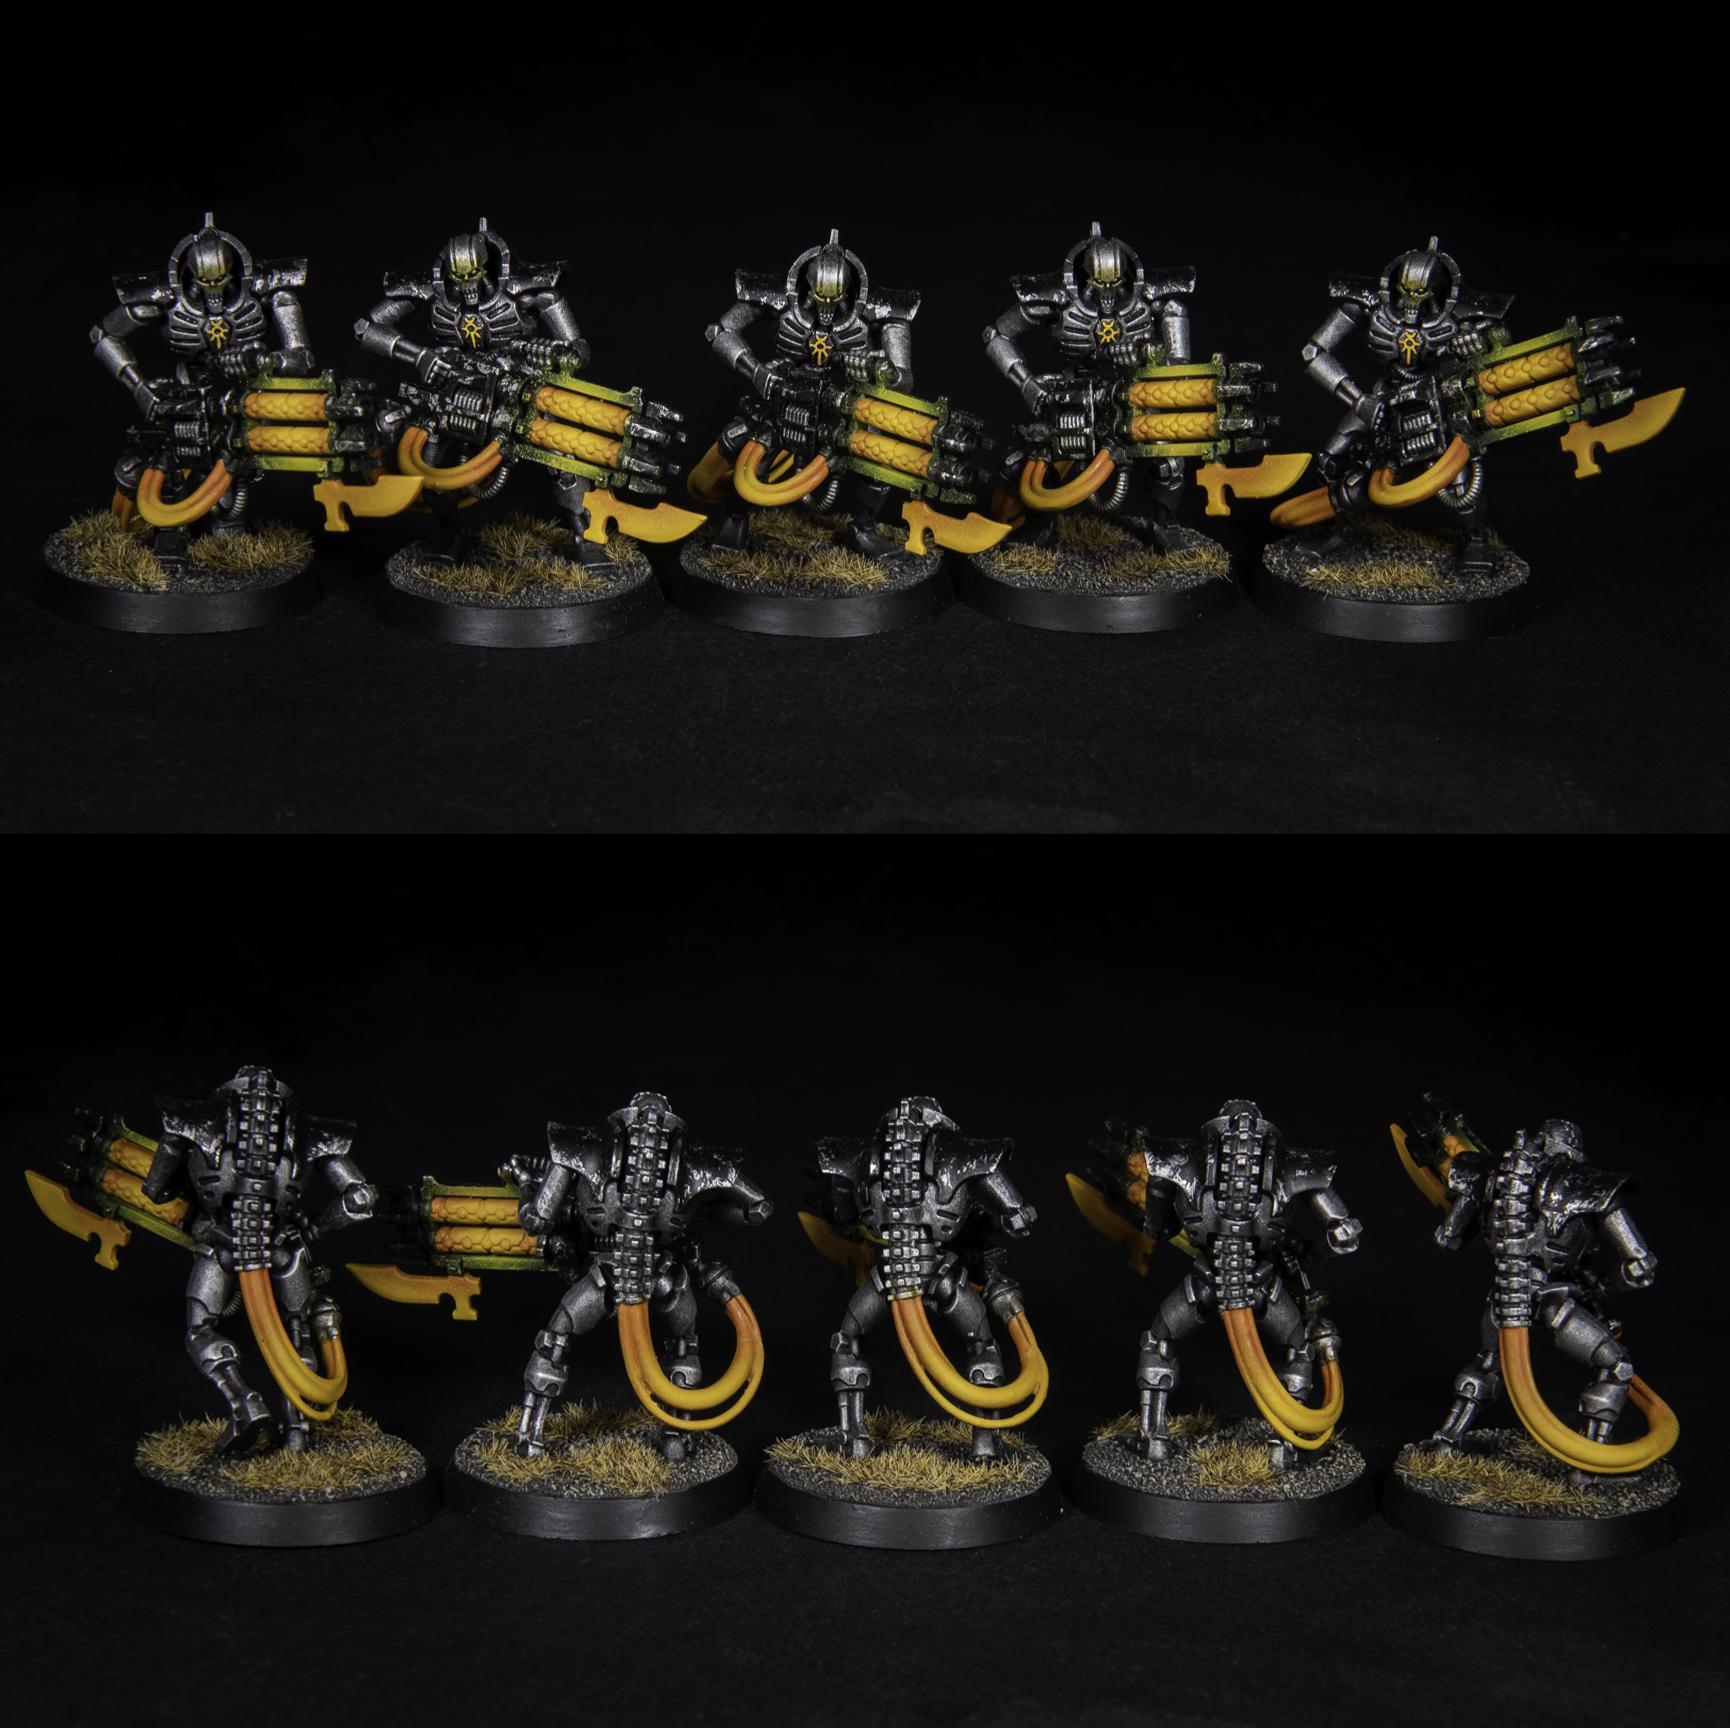 Warhammer 40K Necron Immortals Mephrit Dynasty